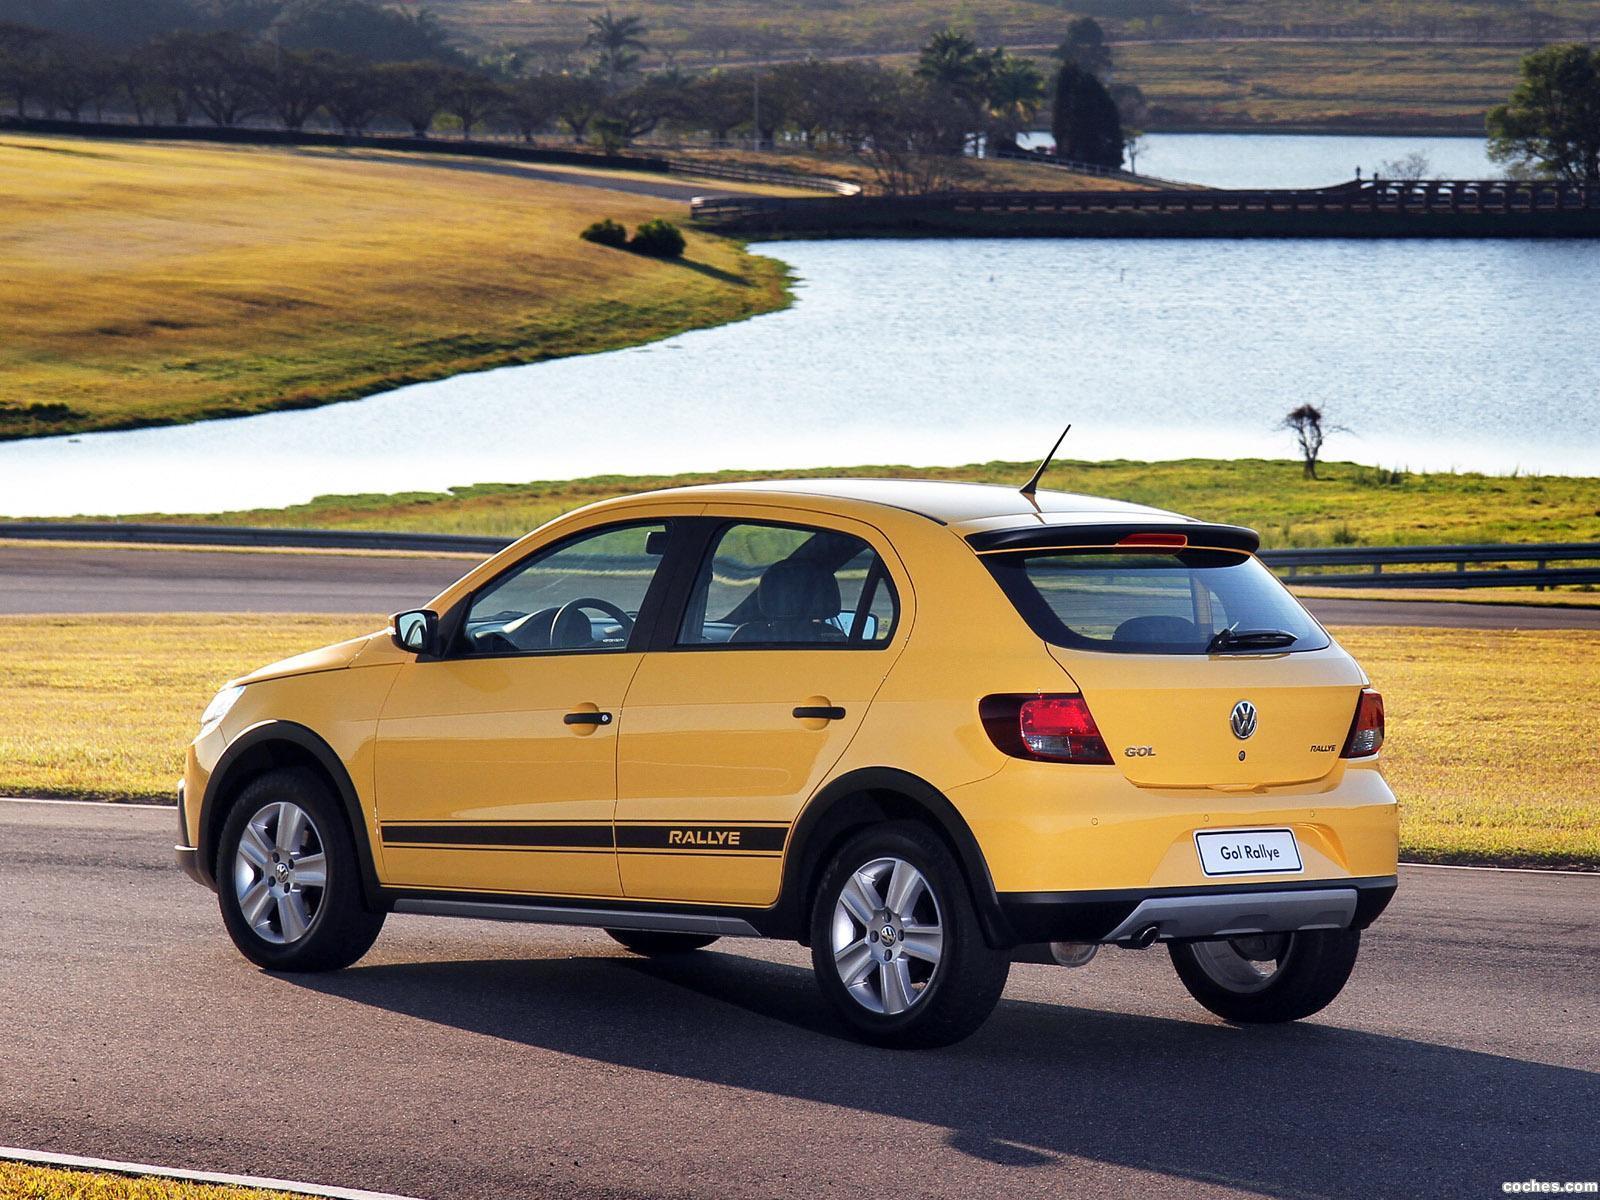 Foto 6 de Volkswagen Gol Rallye 2010-2012